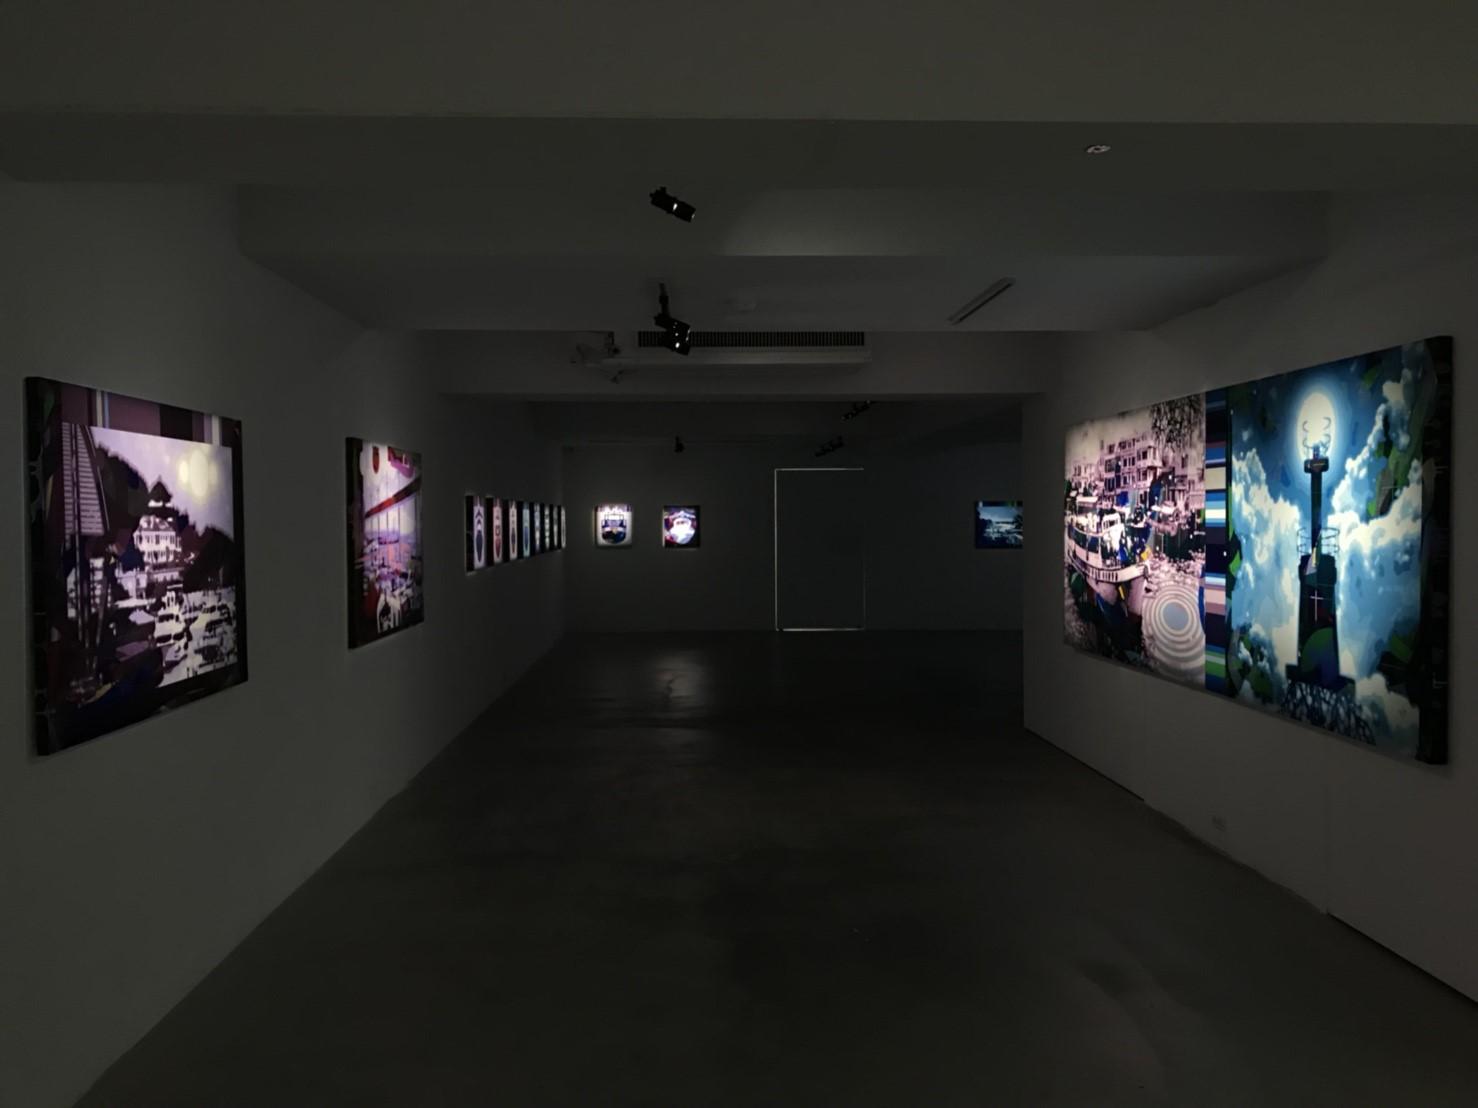 遺地風景 陳崑峰個展 VT 打燈_171213_0022